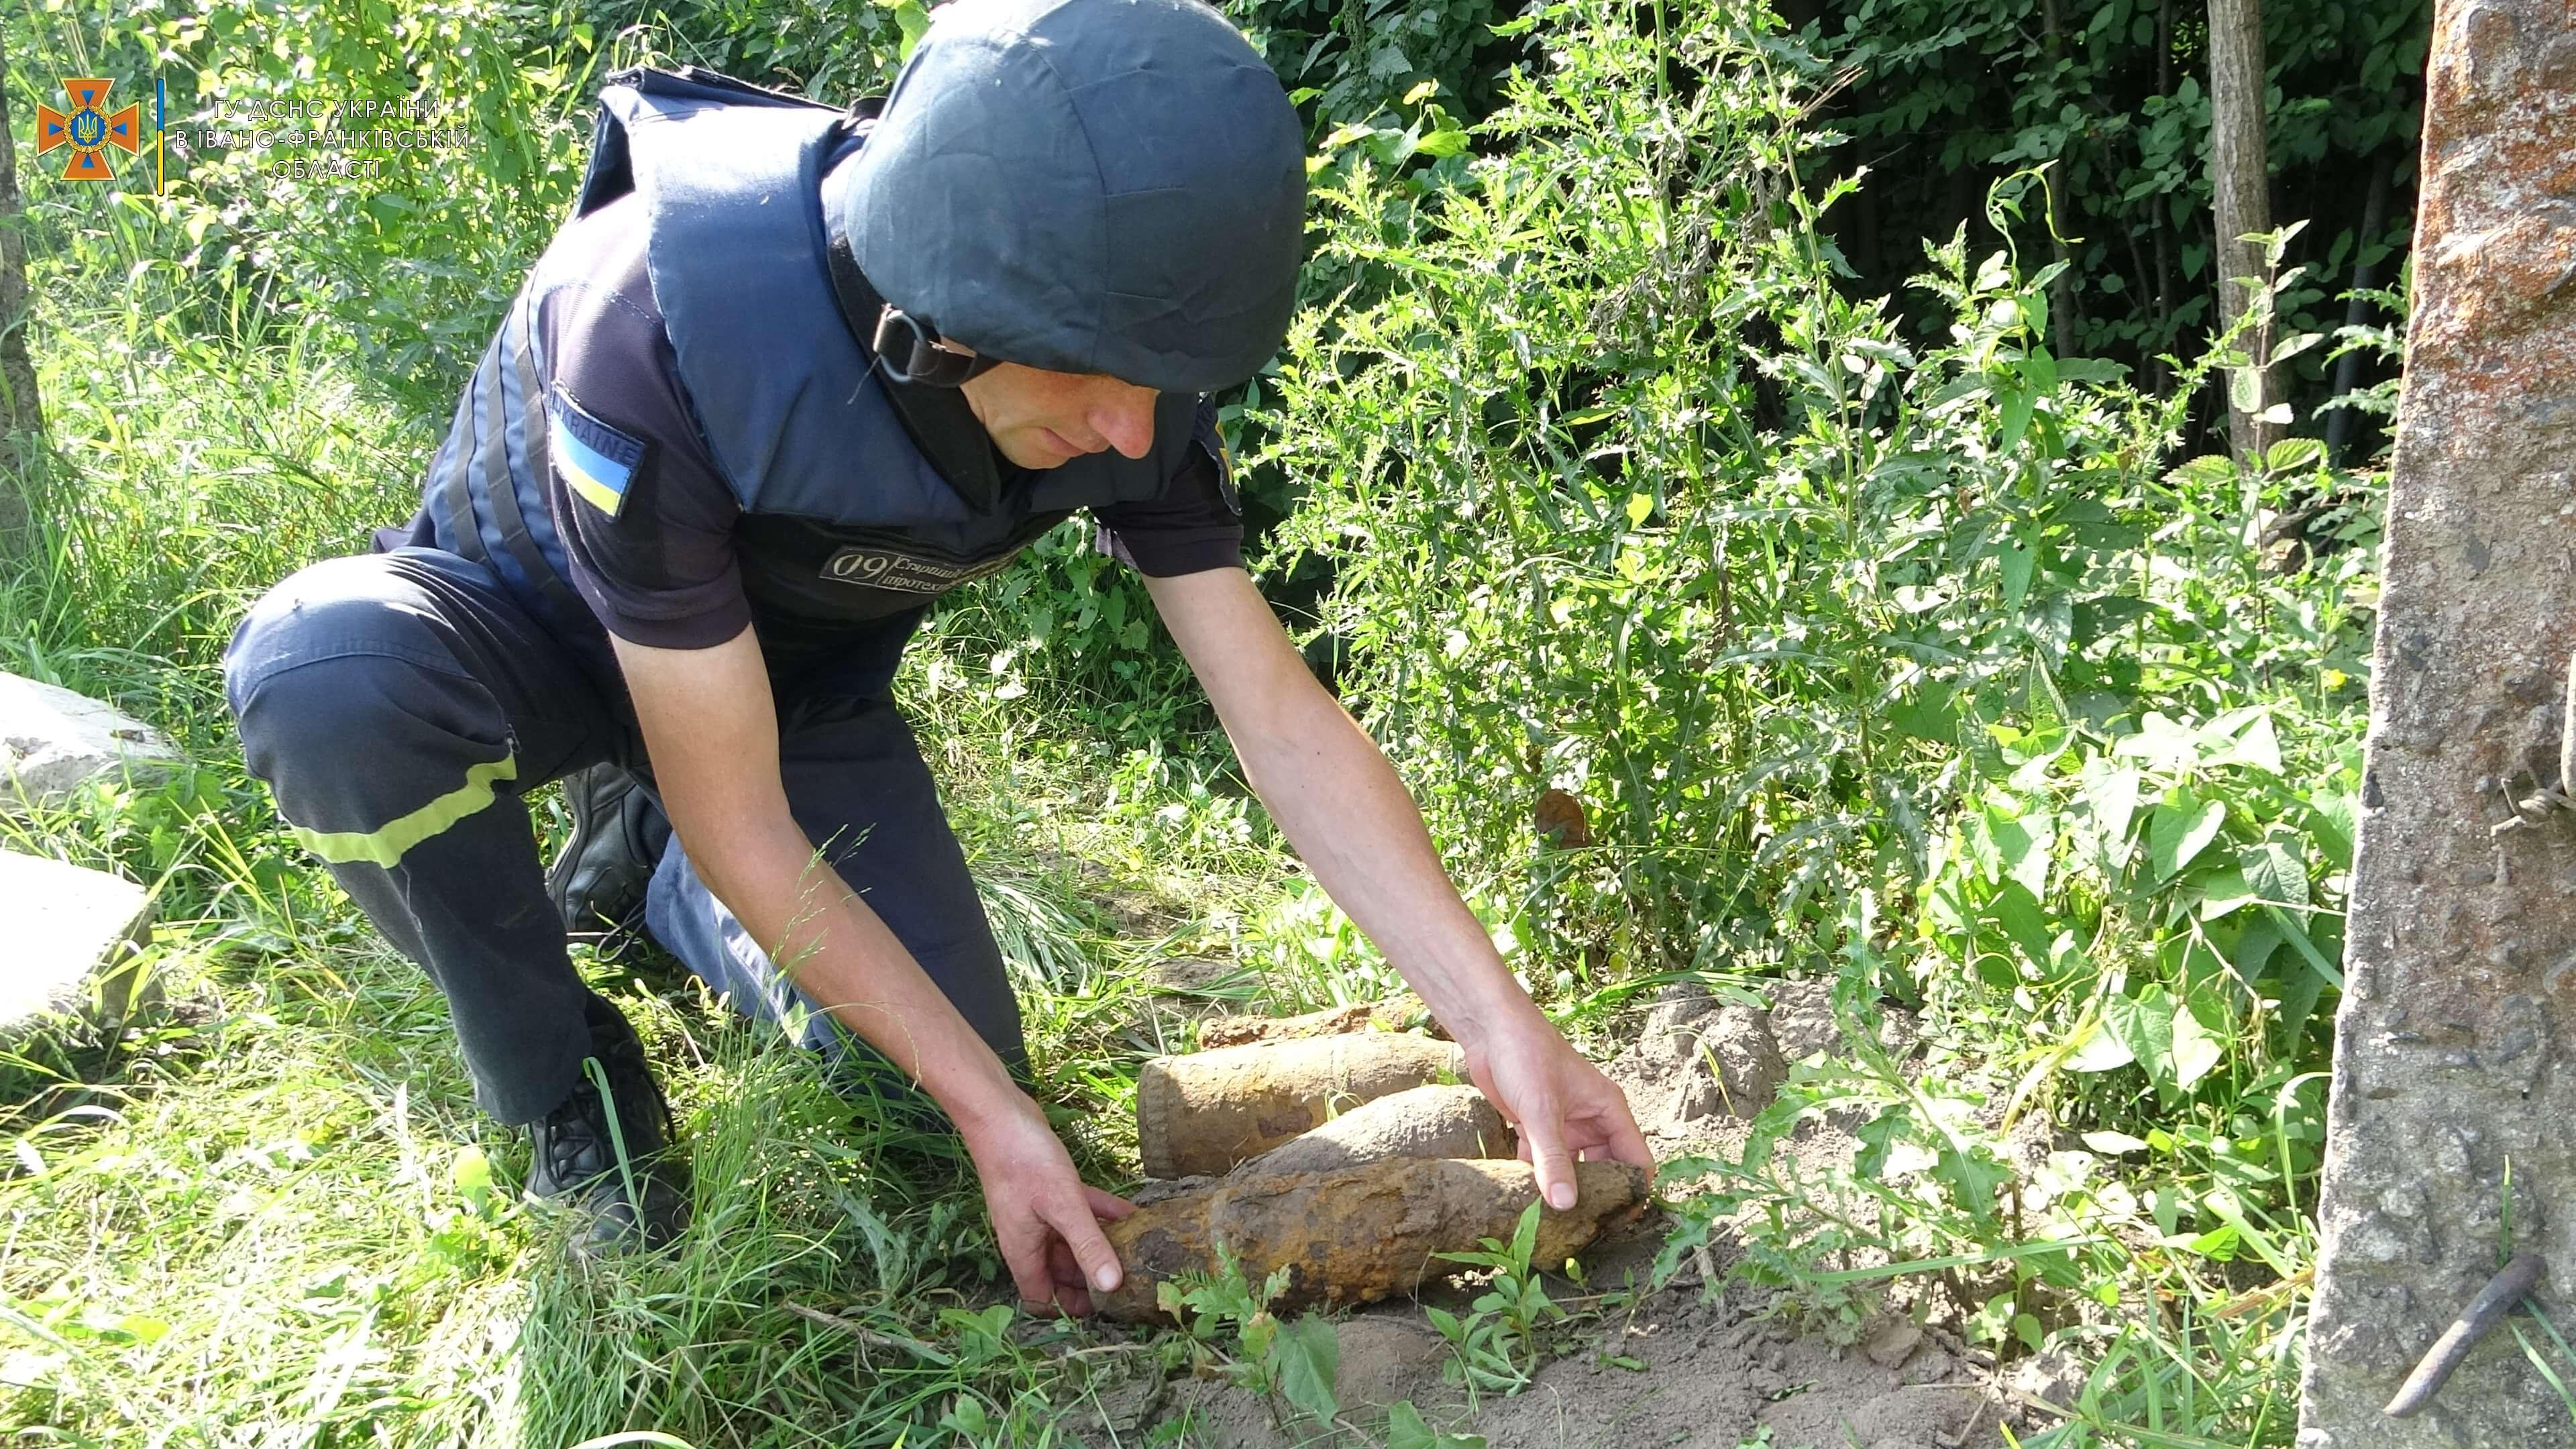 15 застарілих боєприпасів знайшли в Івано-Франківську (ФОТО)